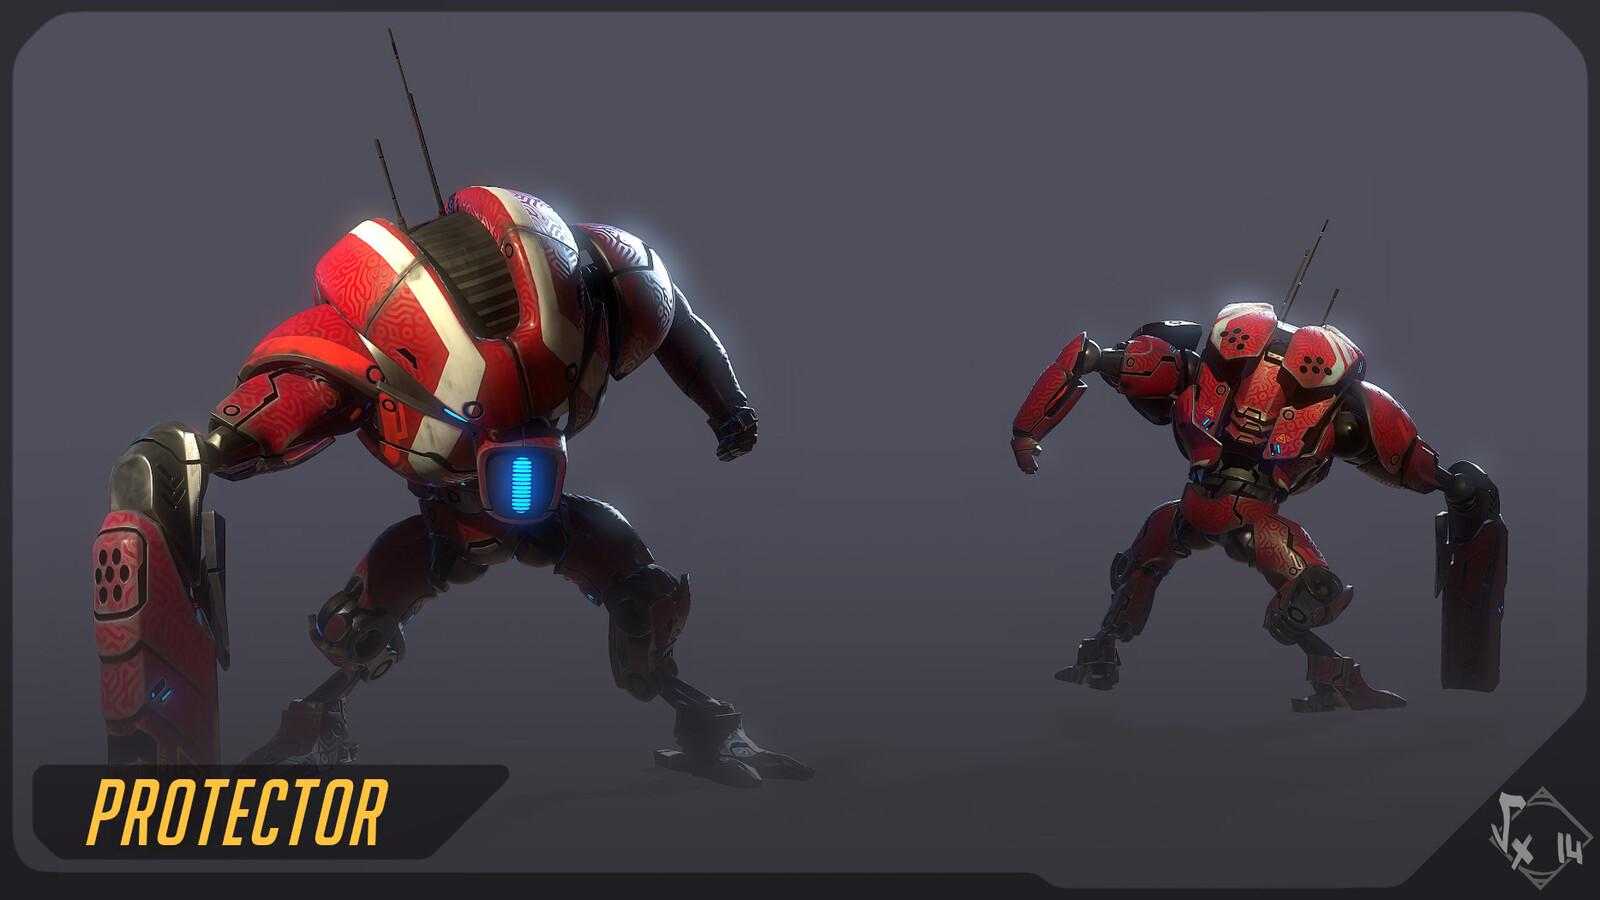 Shocker 204 Skin Protector. You can buy the full character + skin + anim samples here : https://www.artstation.com/vexod14/store/b2Yw/shocker-204